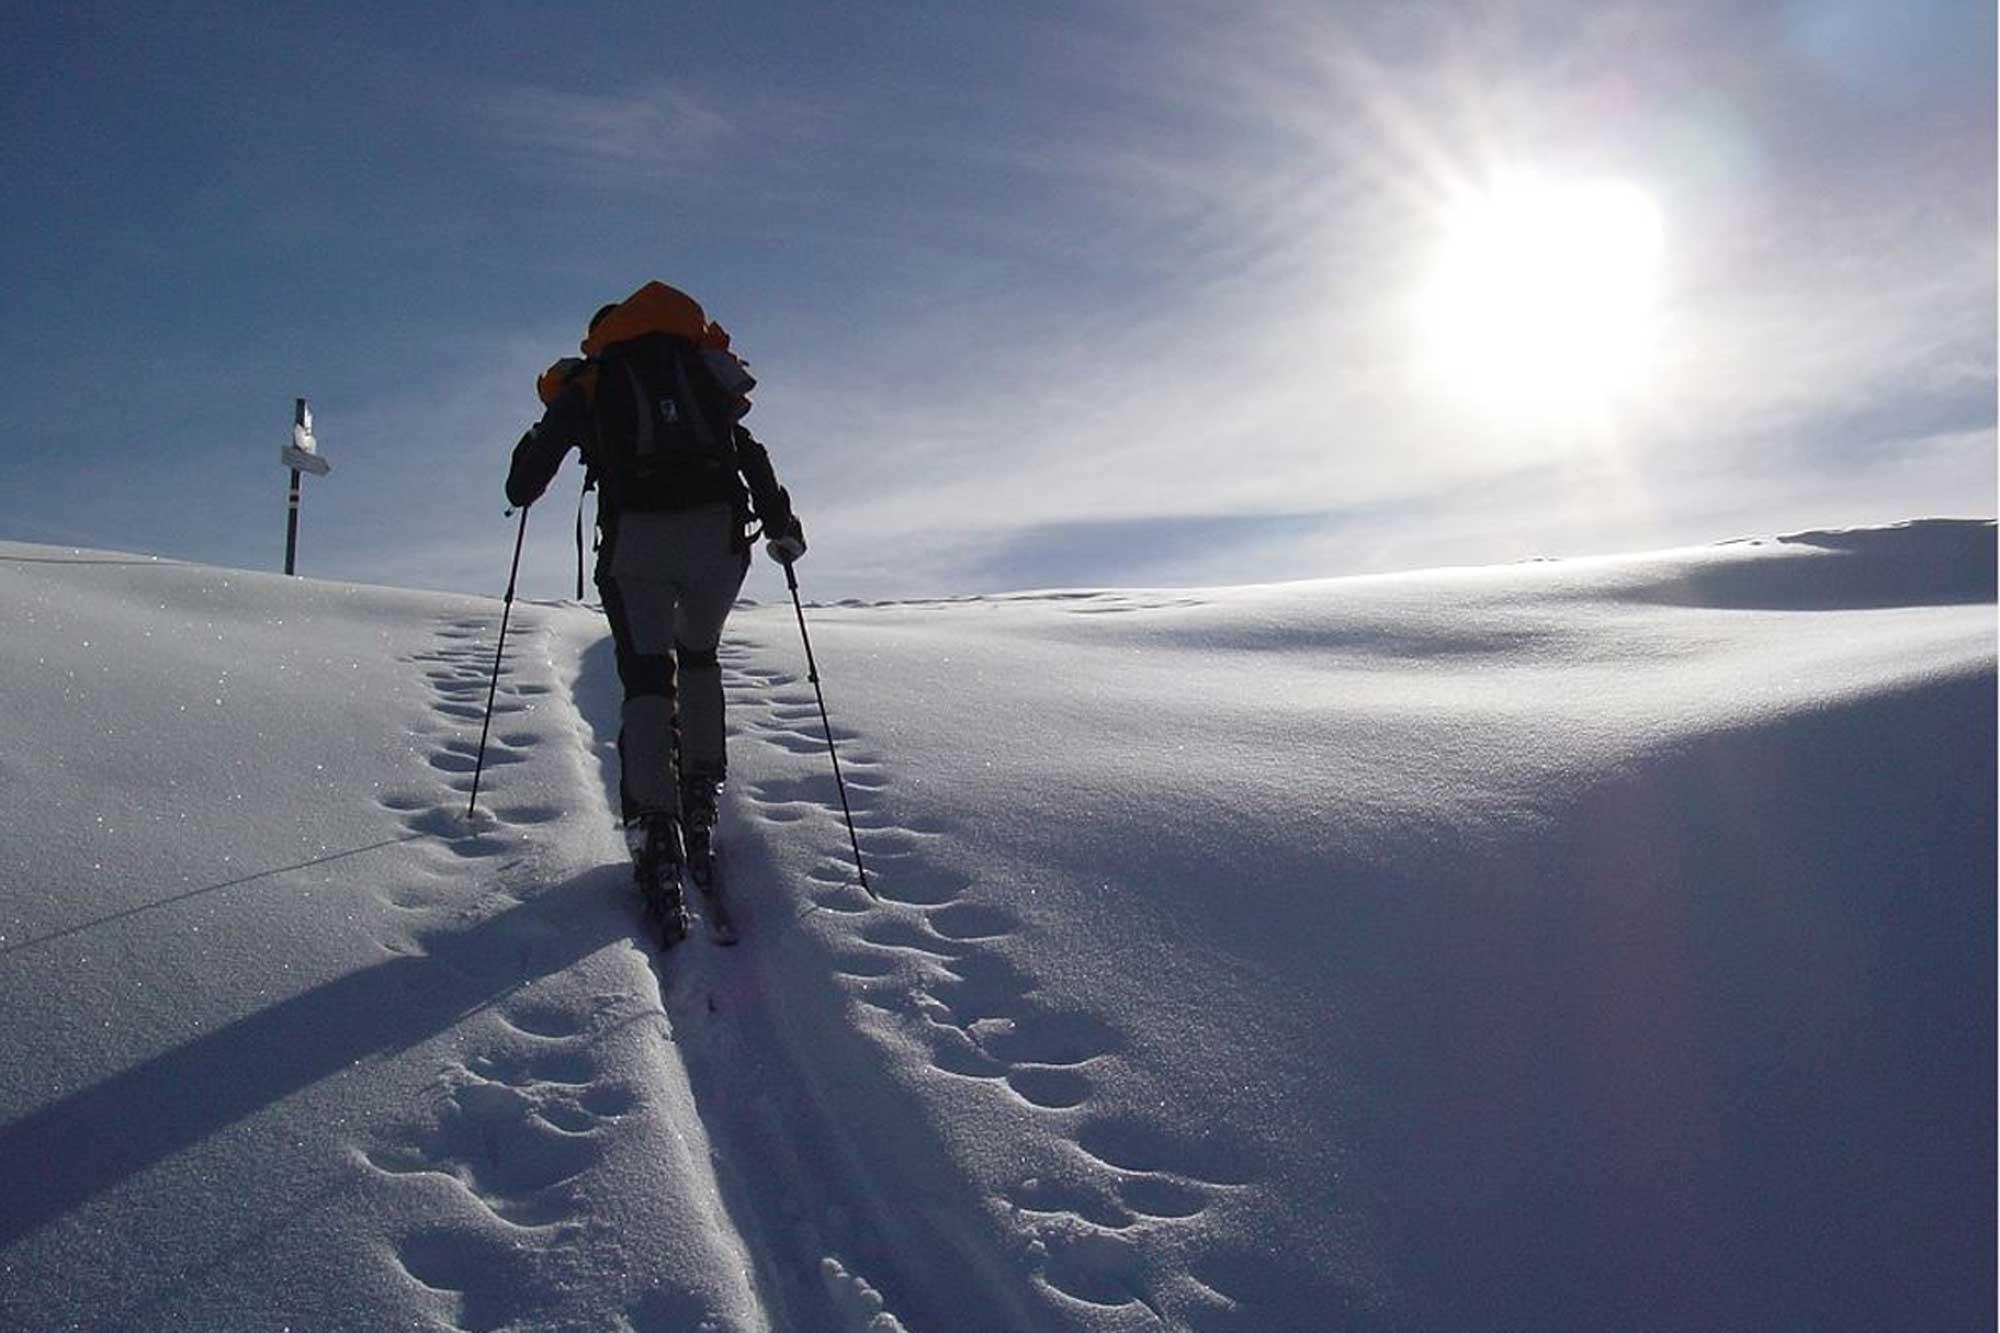 Skitourengehen vereint den Skisport mit Wandern und Langlaufen